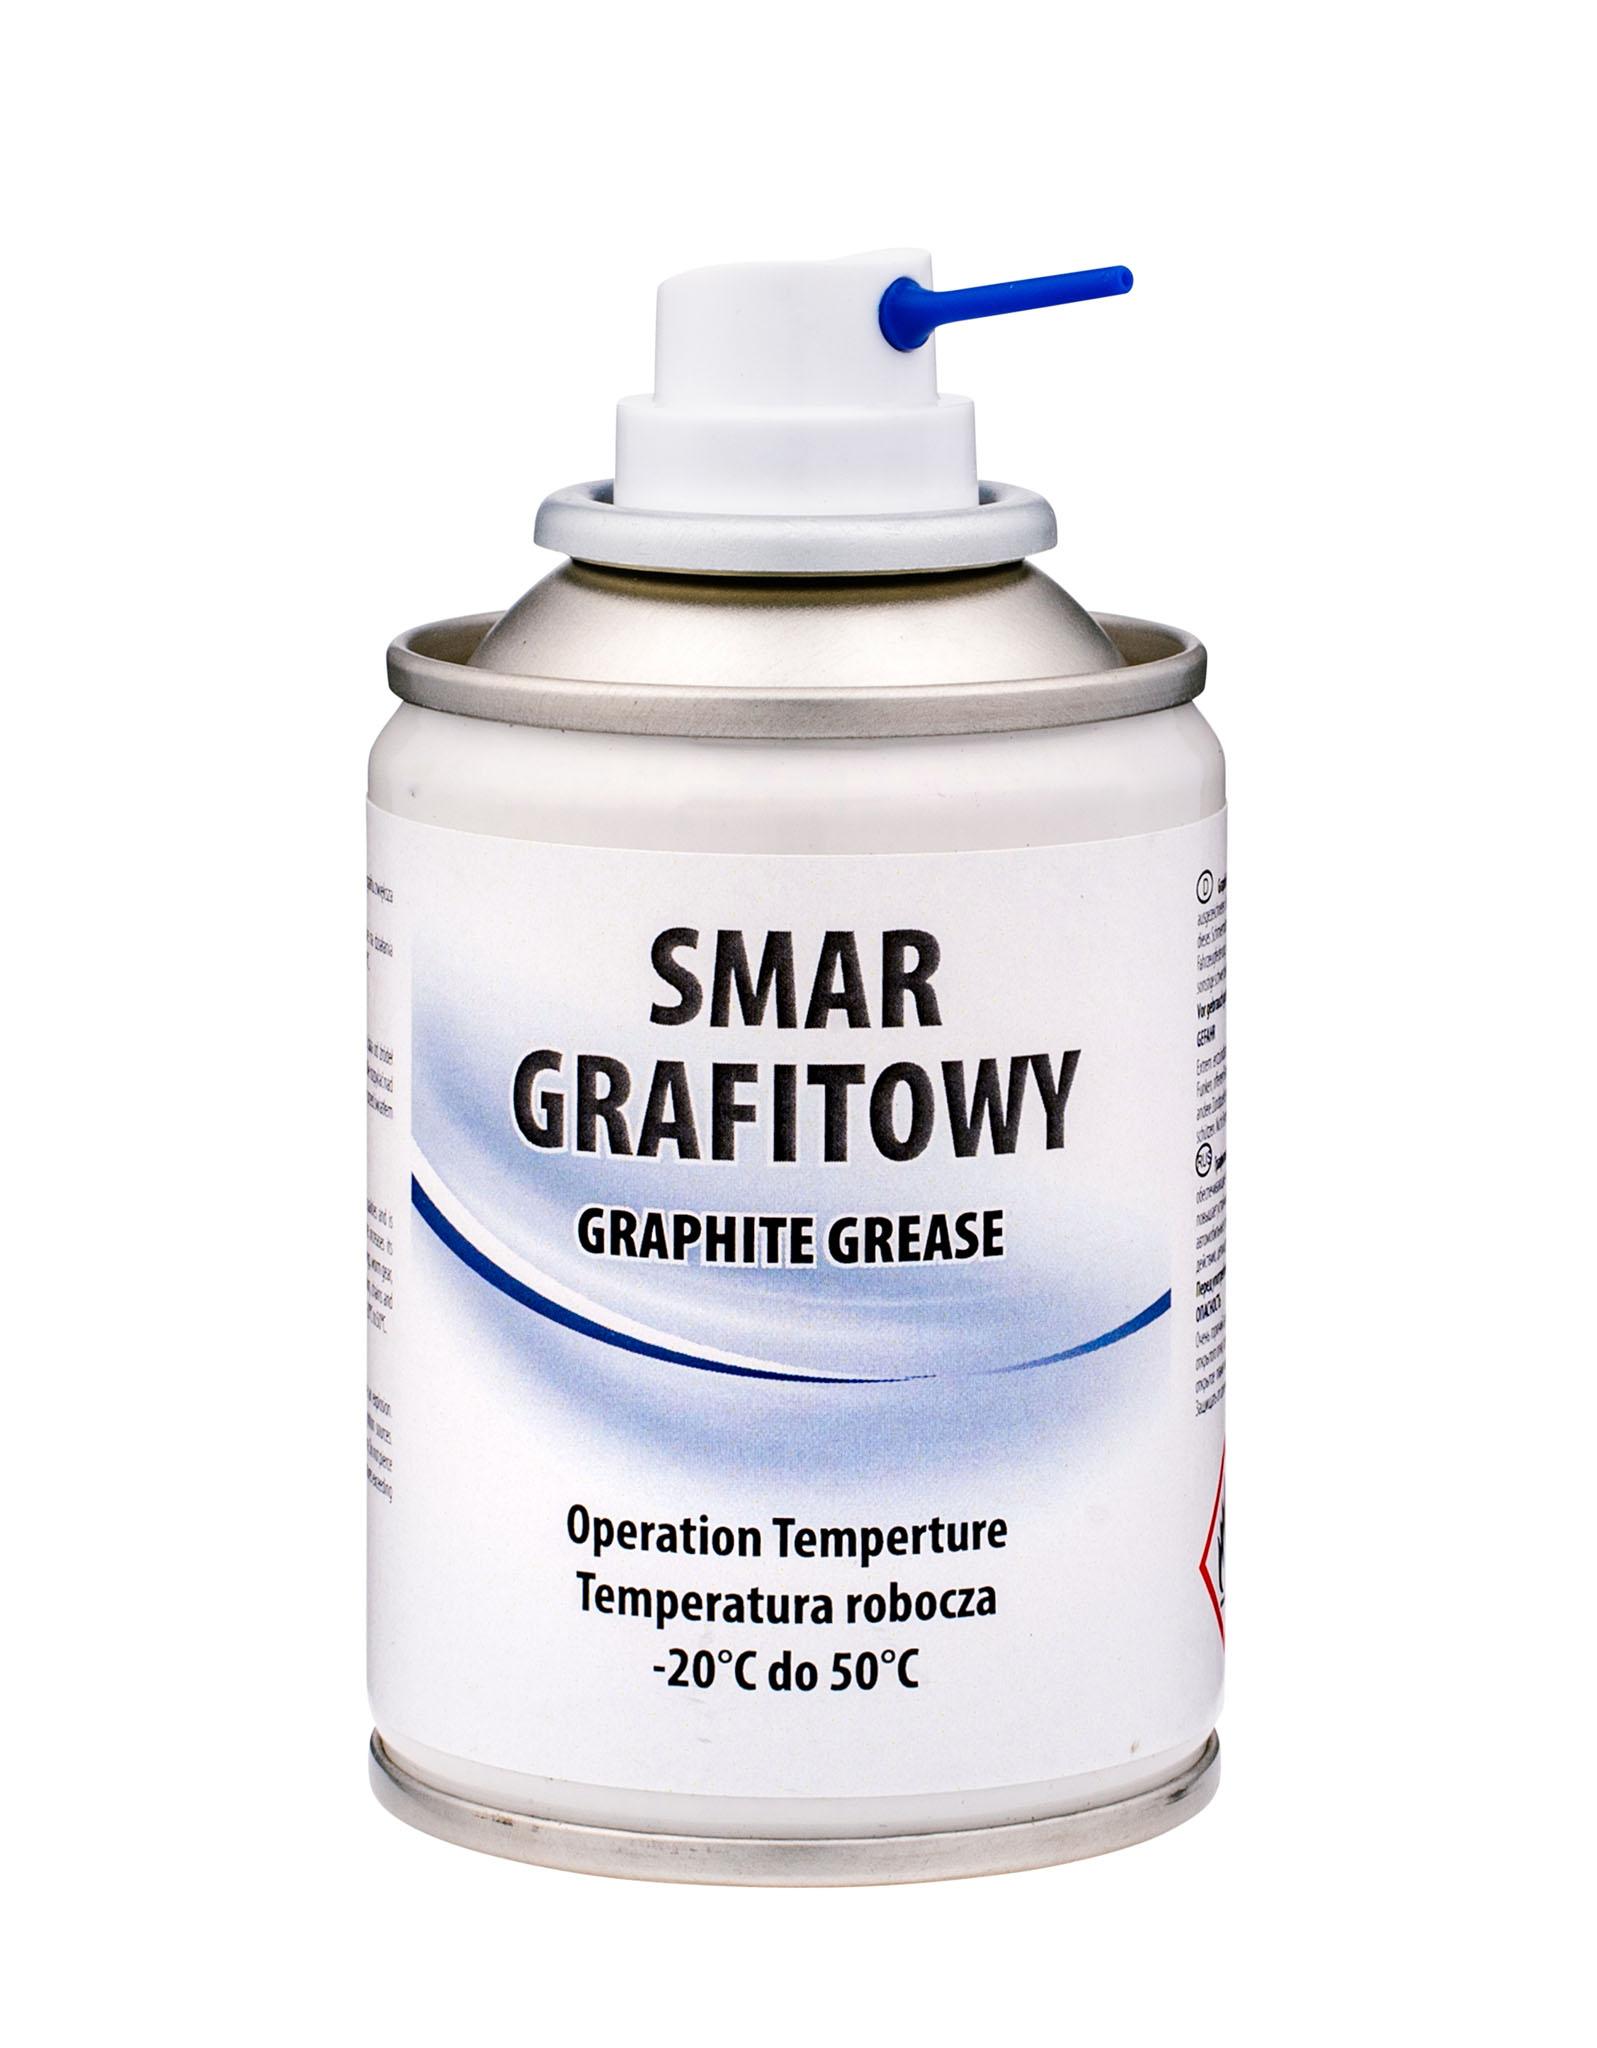 Smar grafitowy